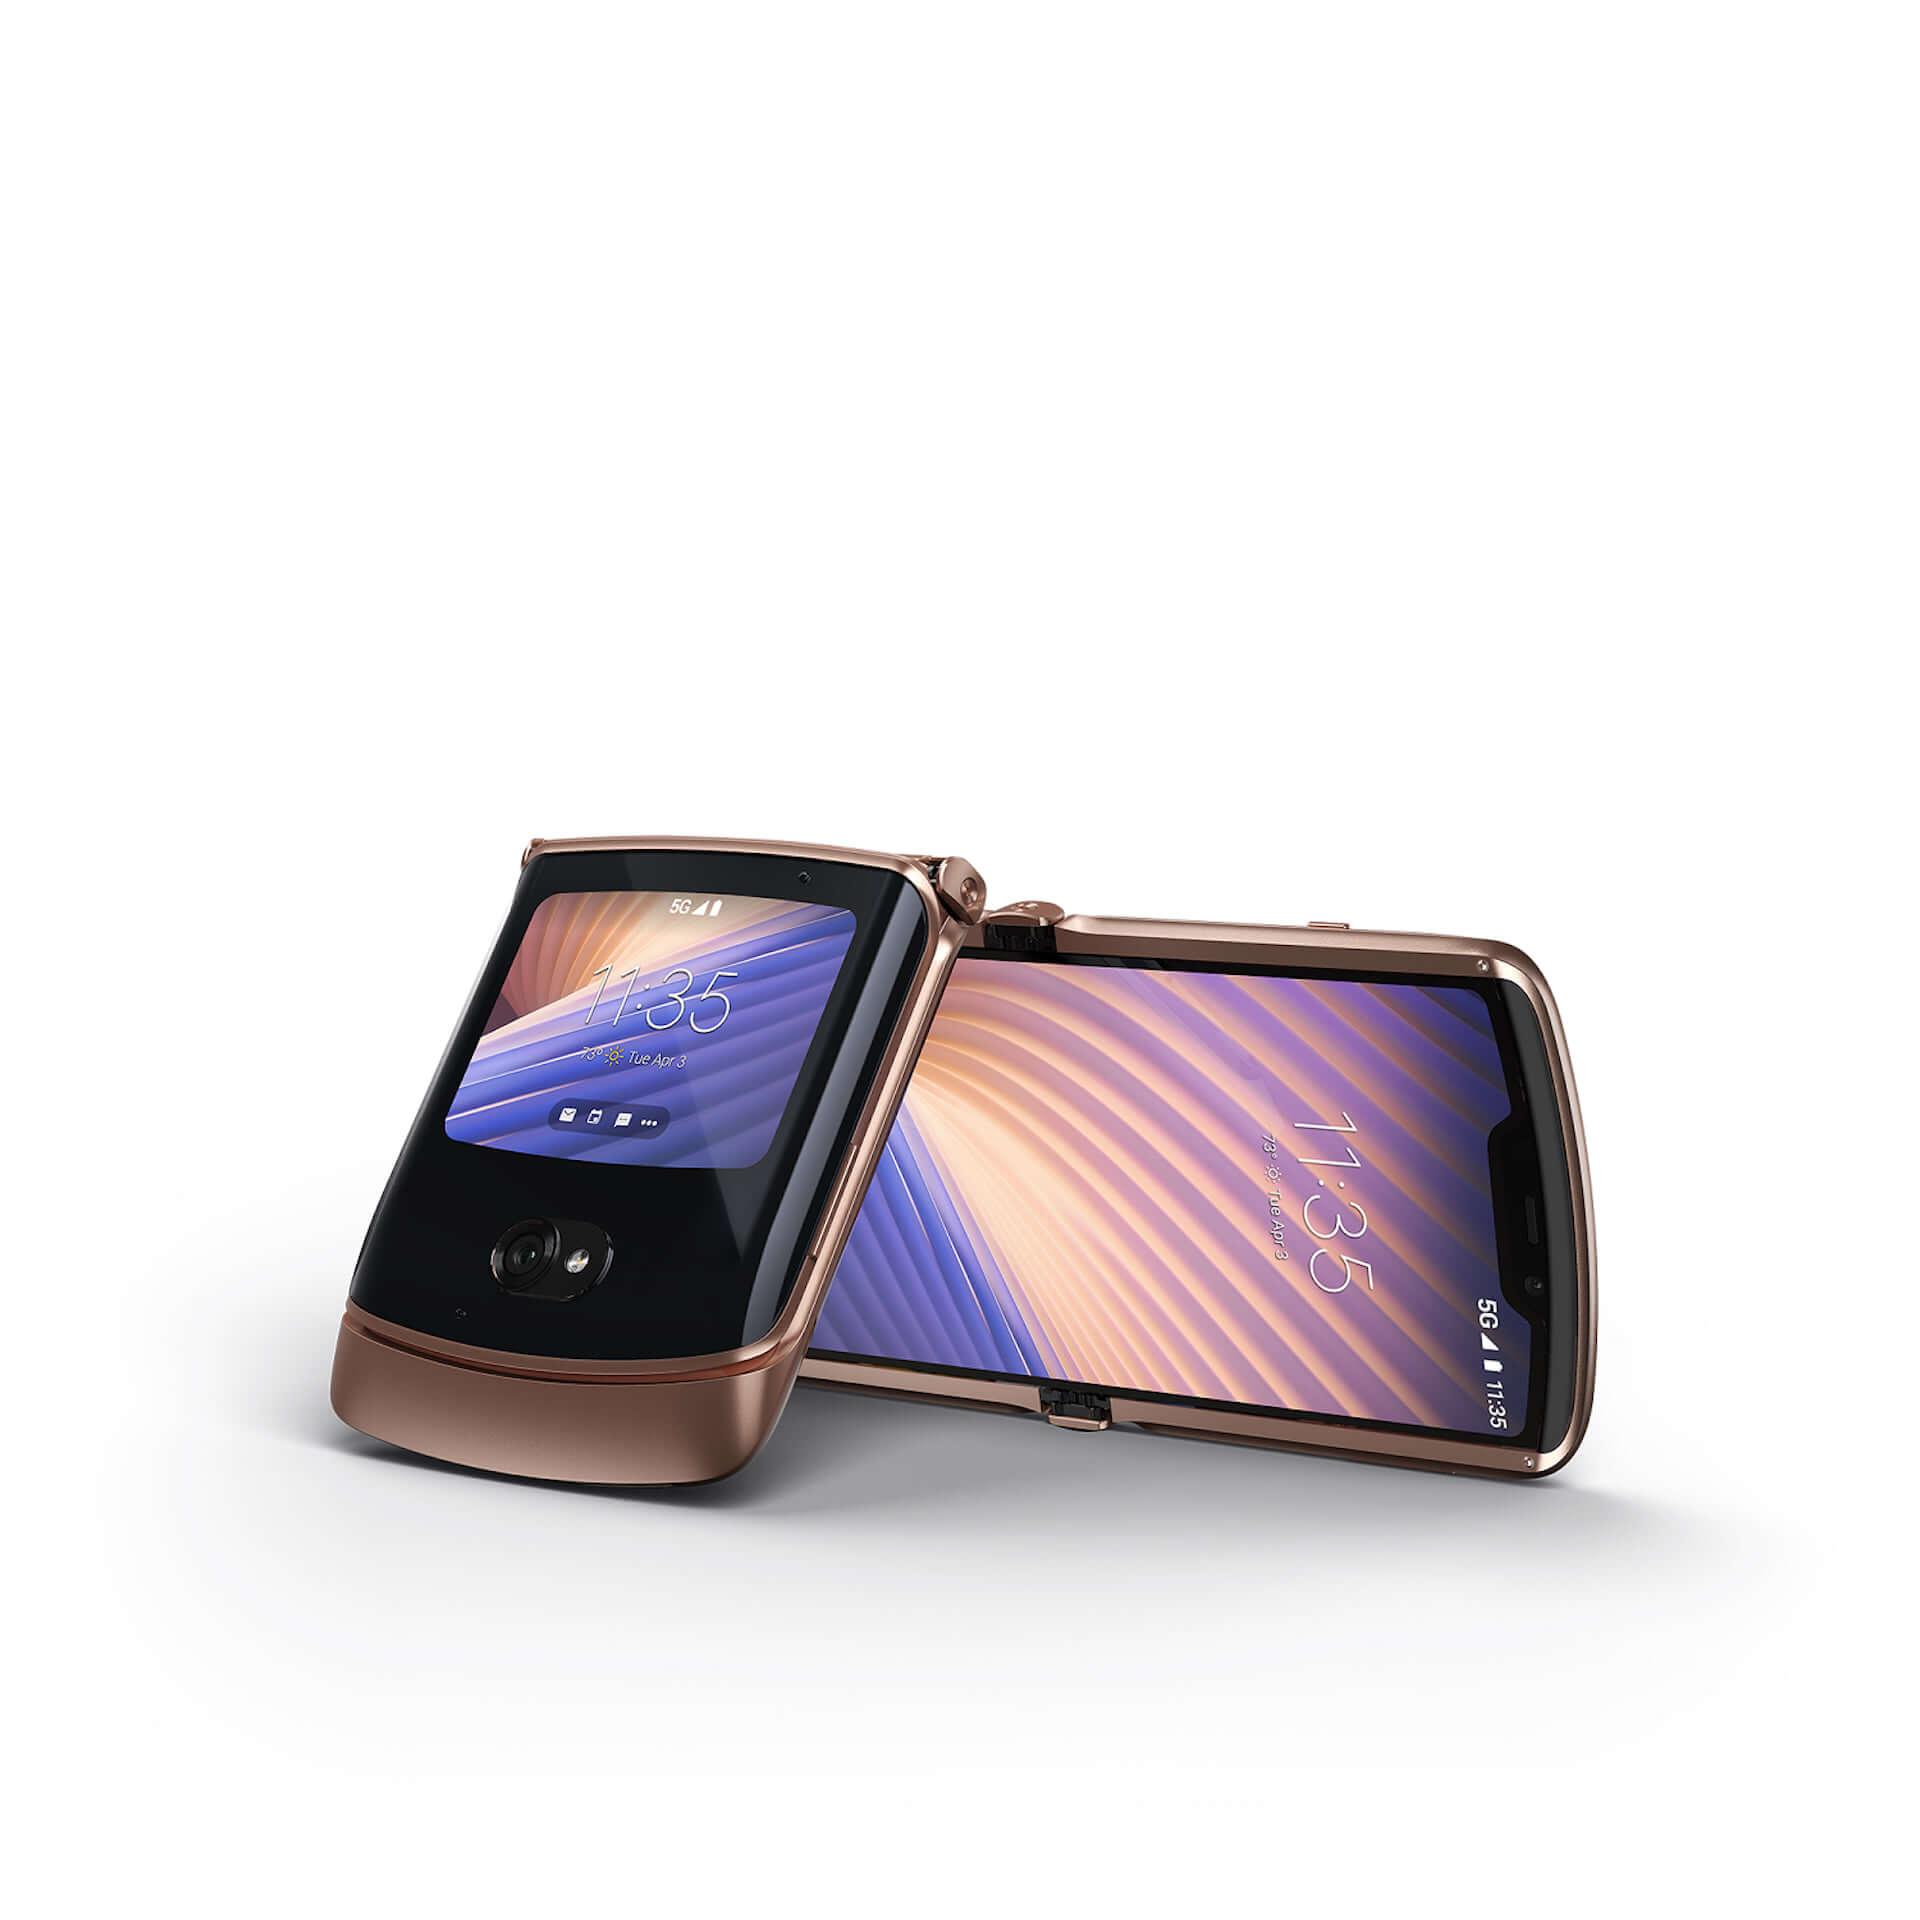 折りたたみ式5G対応スマホ『motorola razr 5G』に限定カラー「Blush Gold」が登場!+Styleにて国内独占販売 tech210319_motorola-razr-5G_4-1920x1920